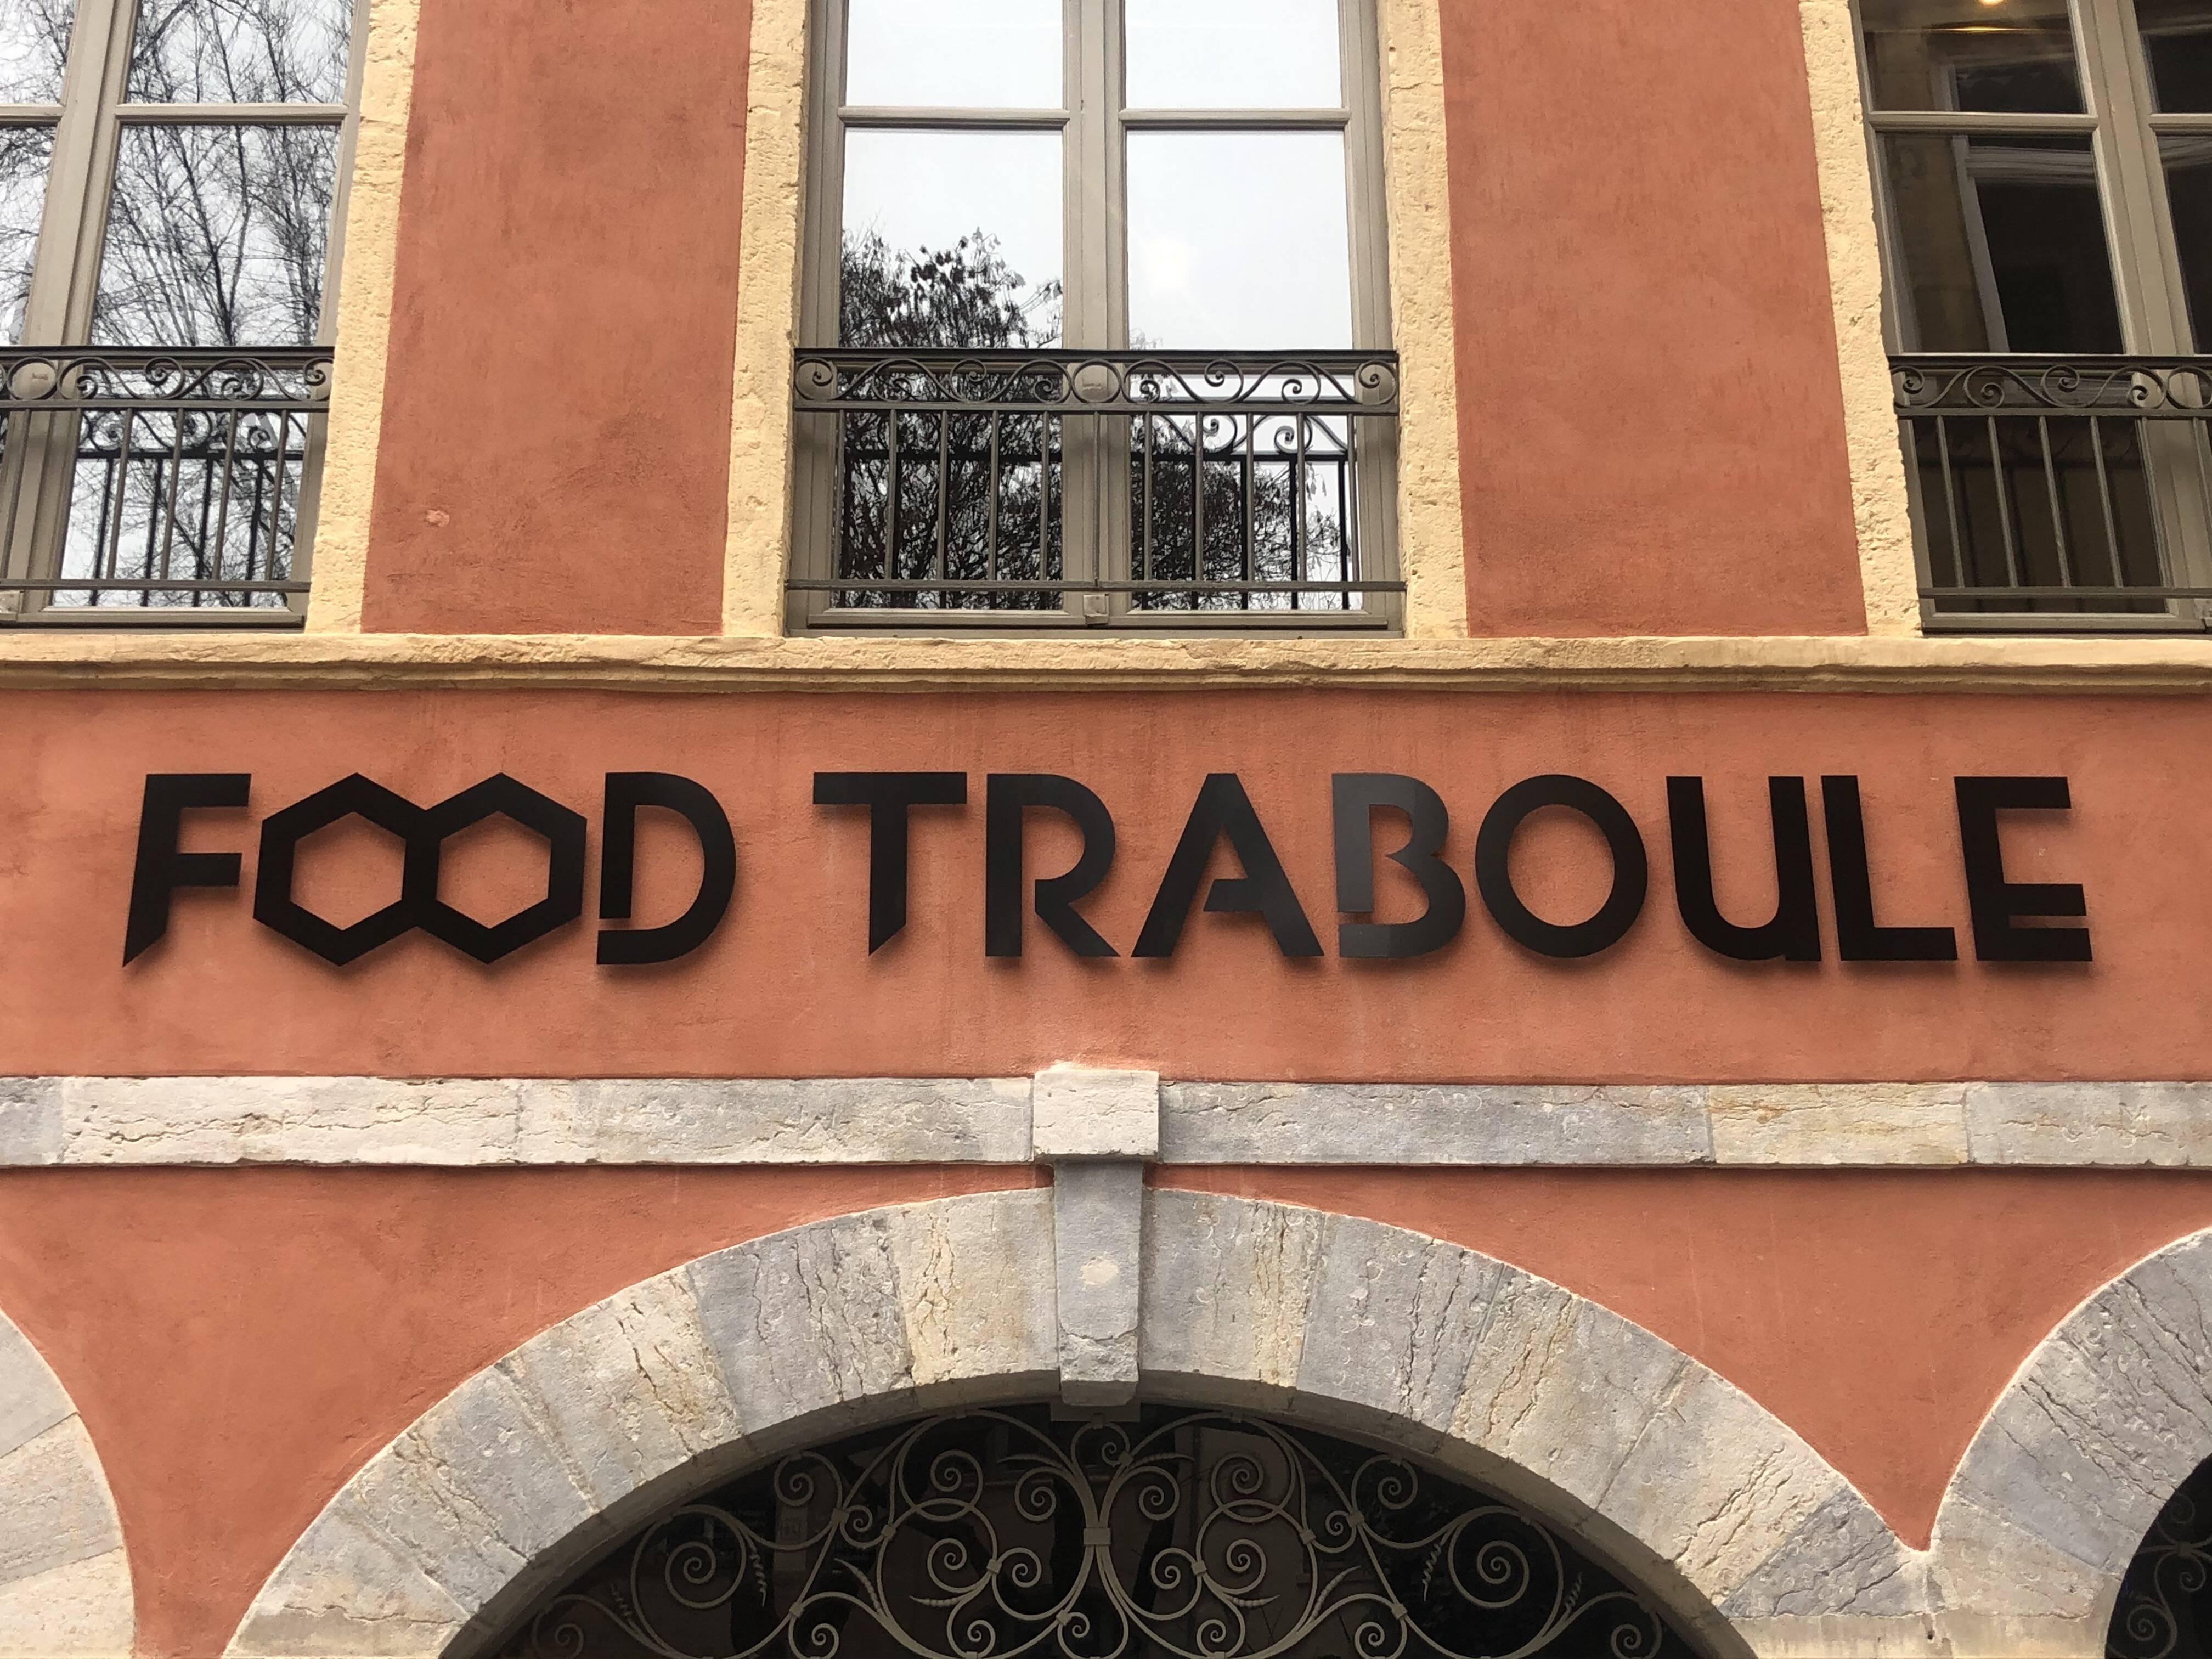 On a testé pour vous : Food Traboule au coeur du Vieux-Lyon